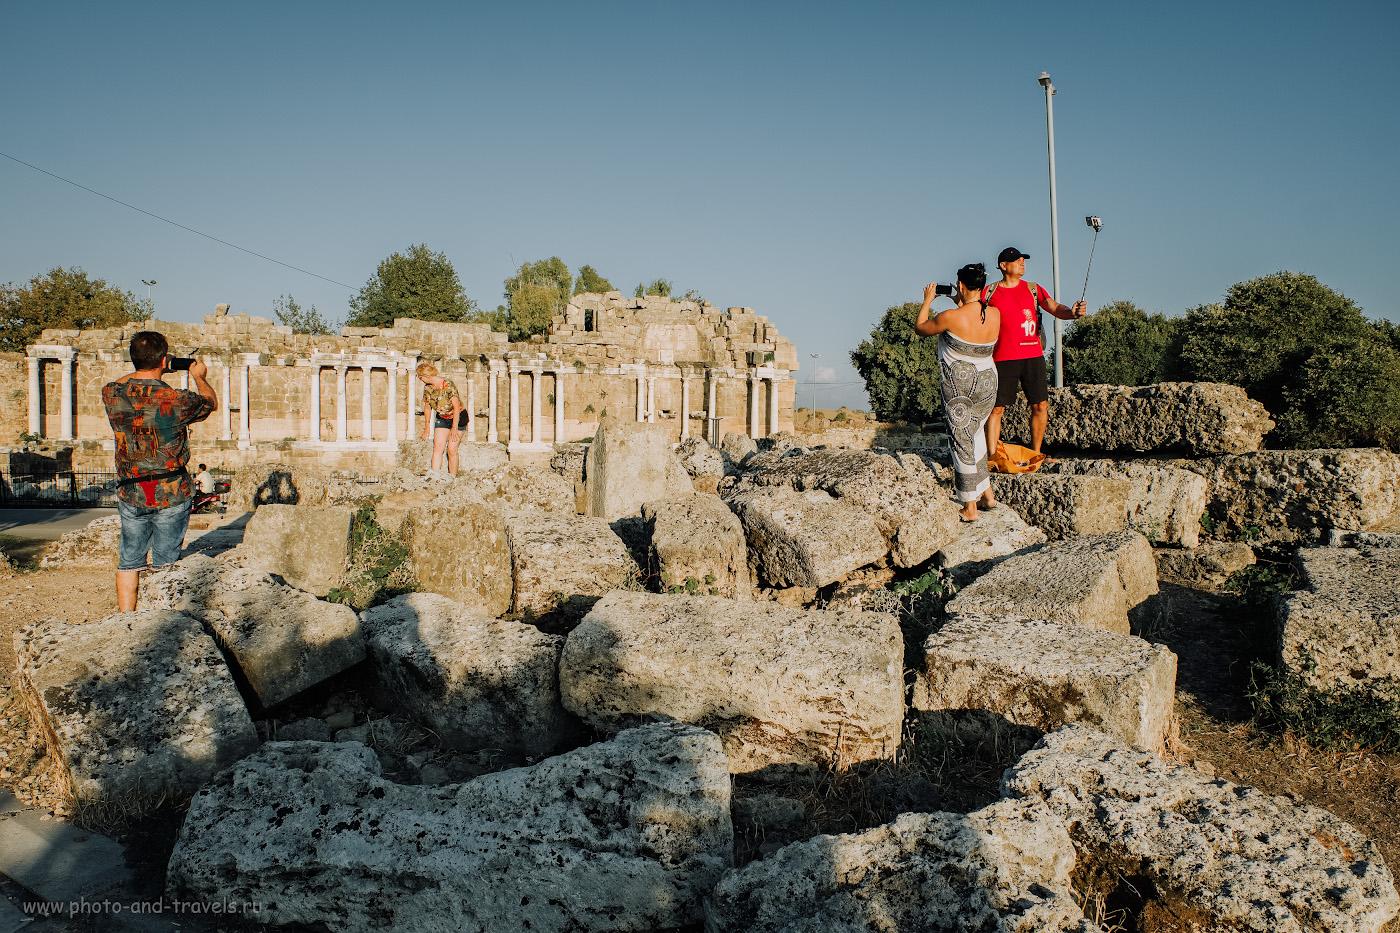 Фото 3. Туристы снимают селфи на фоне нимфея в Сиде. Отчет о самостоятельной экскурсии с ребенком в Старый город. 1/280, 8.0, 200, +0.33, 16.